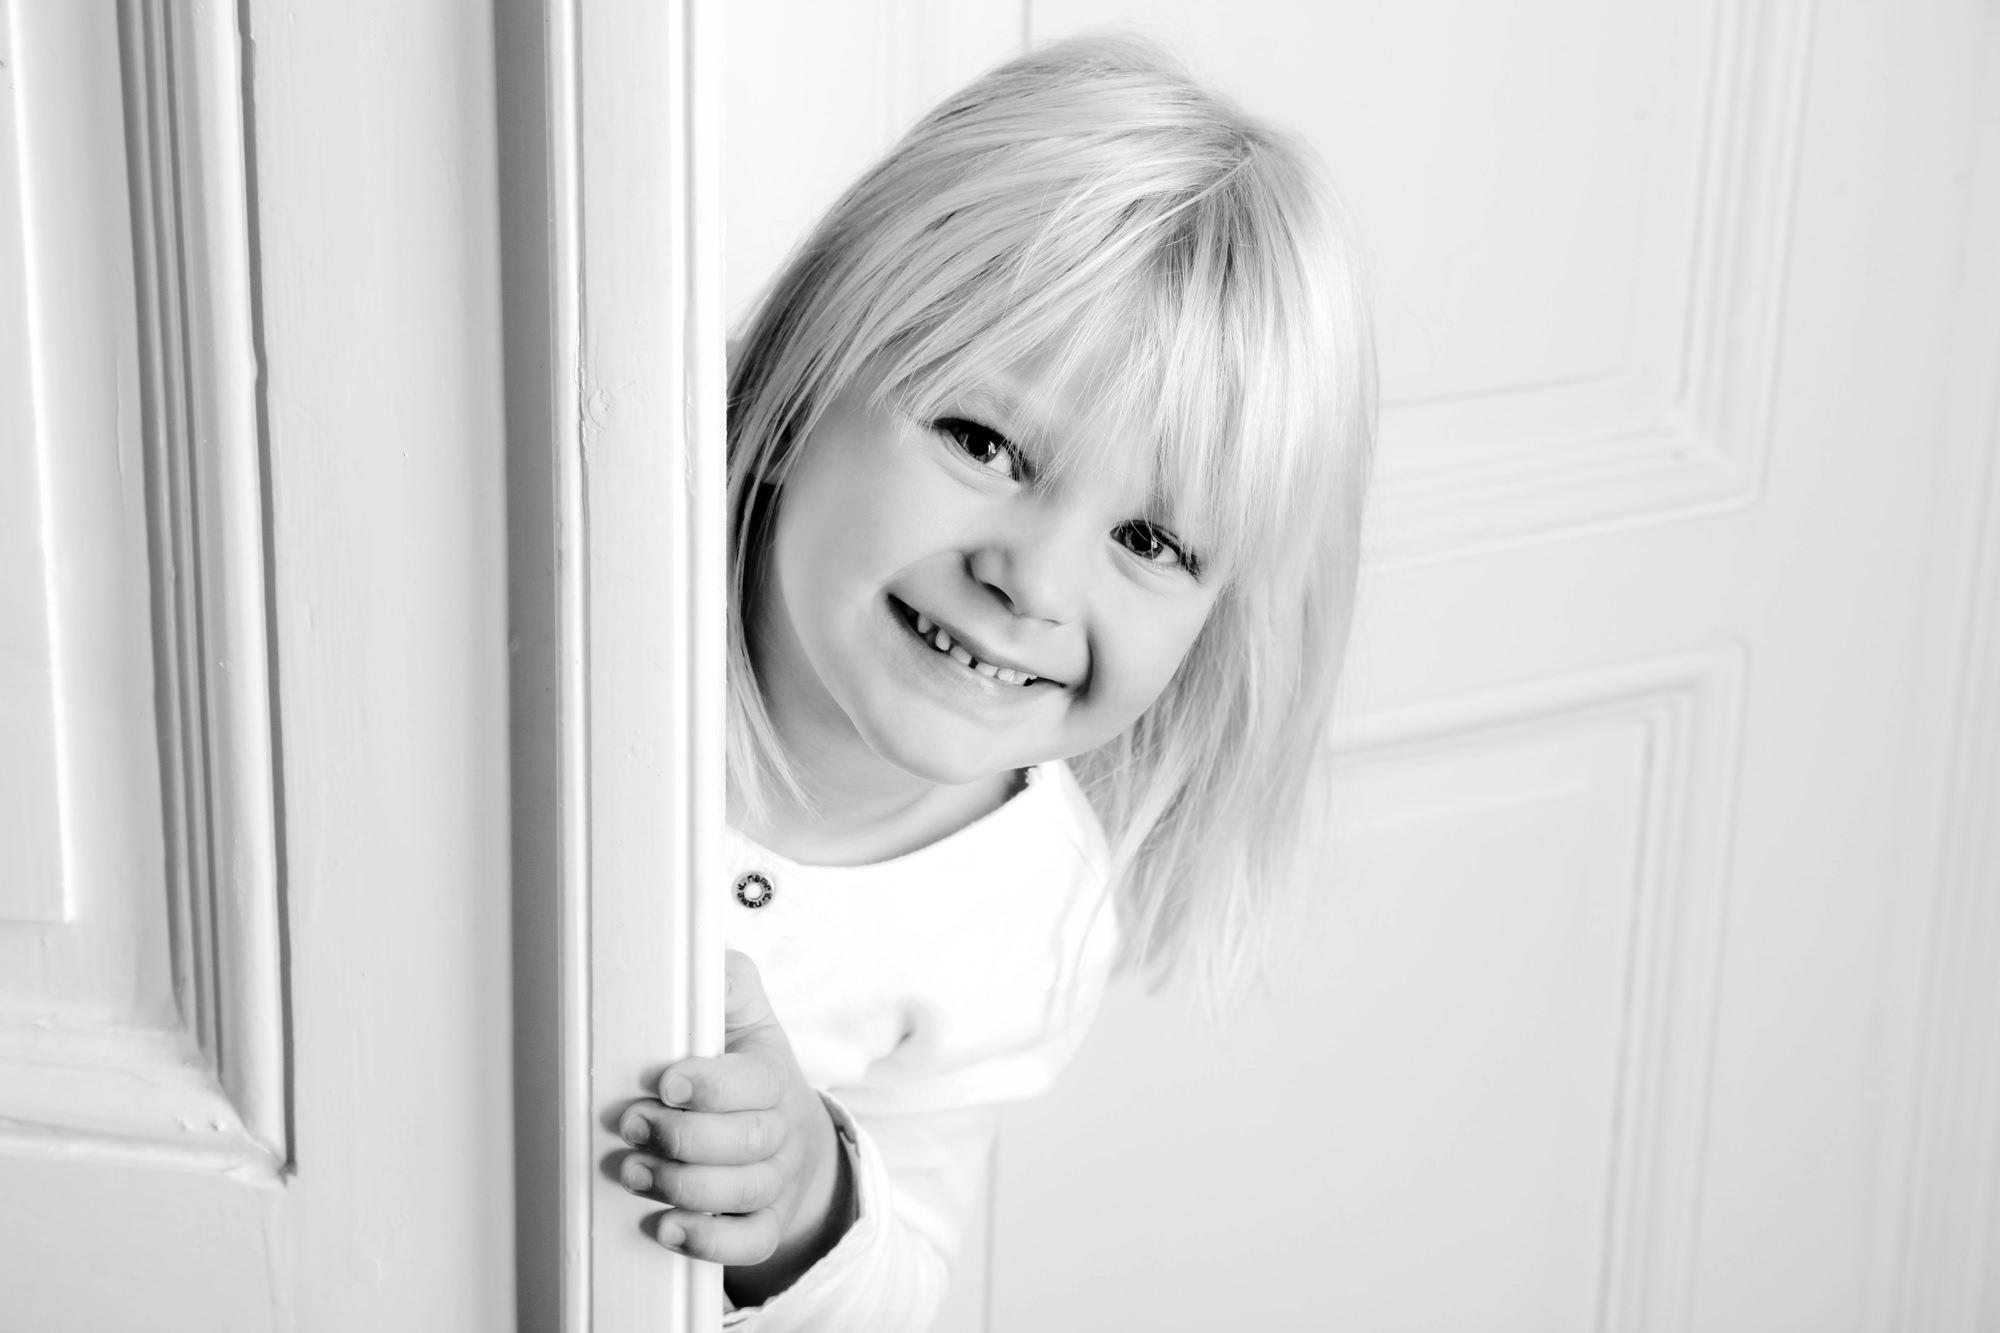 Kinderfotografie Mädchen